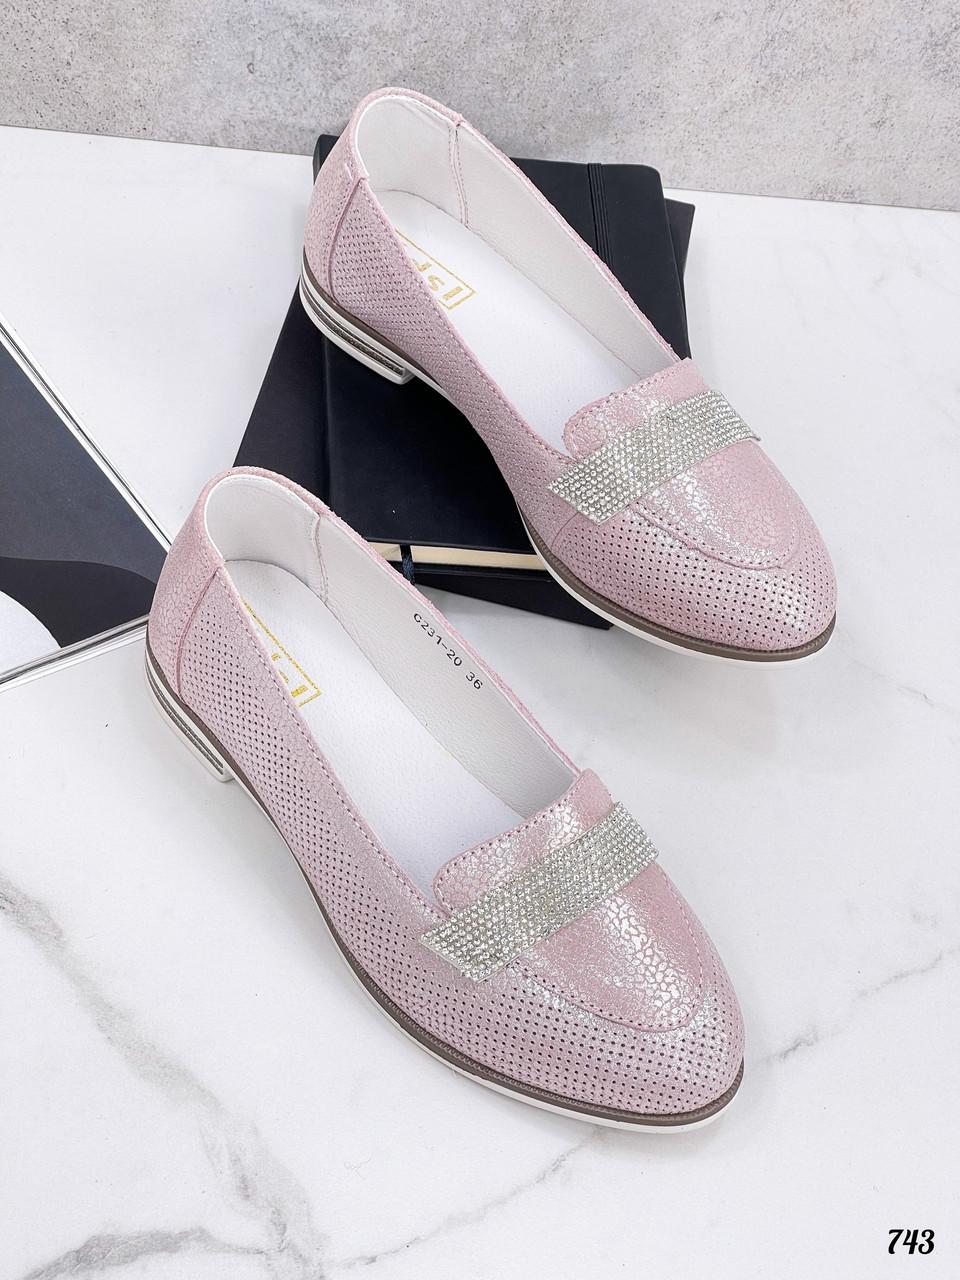 Кожаные женские туфли на плоской подошве украшение стразы